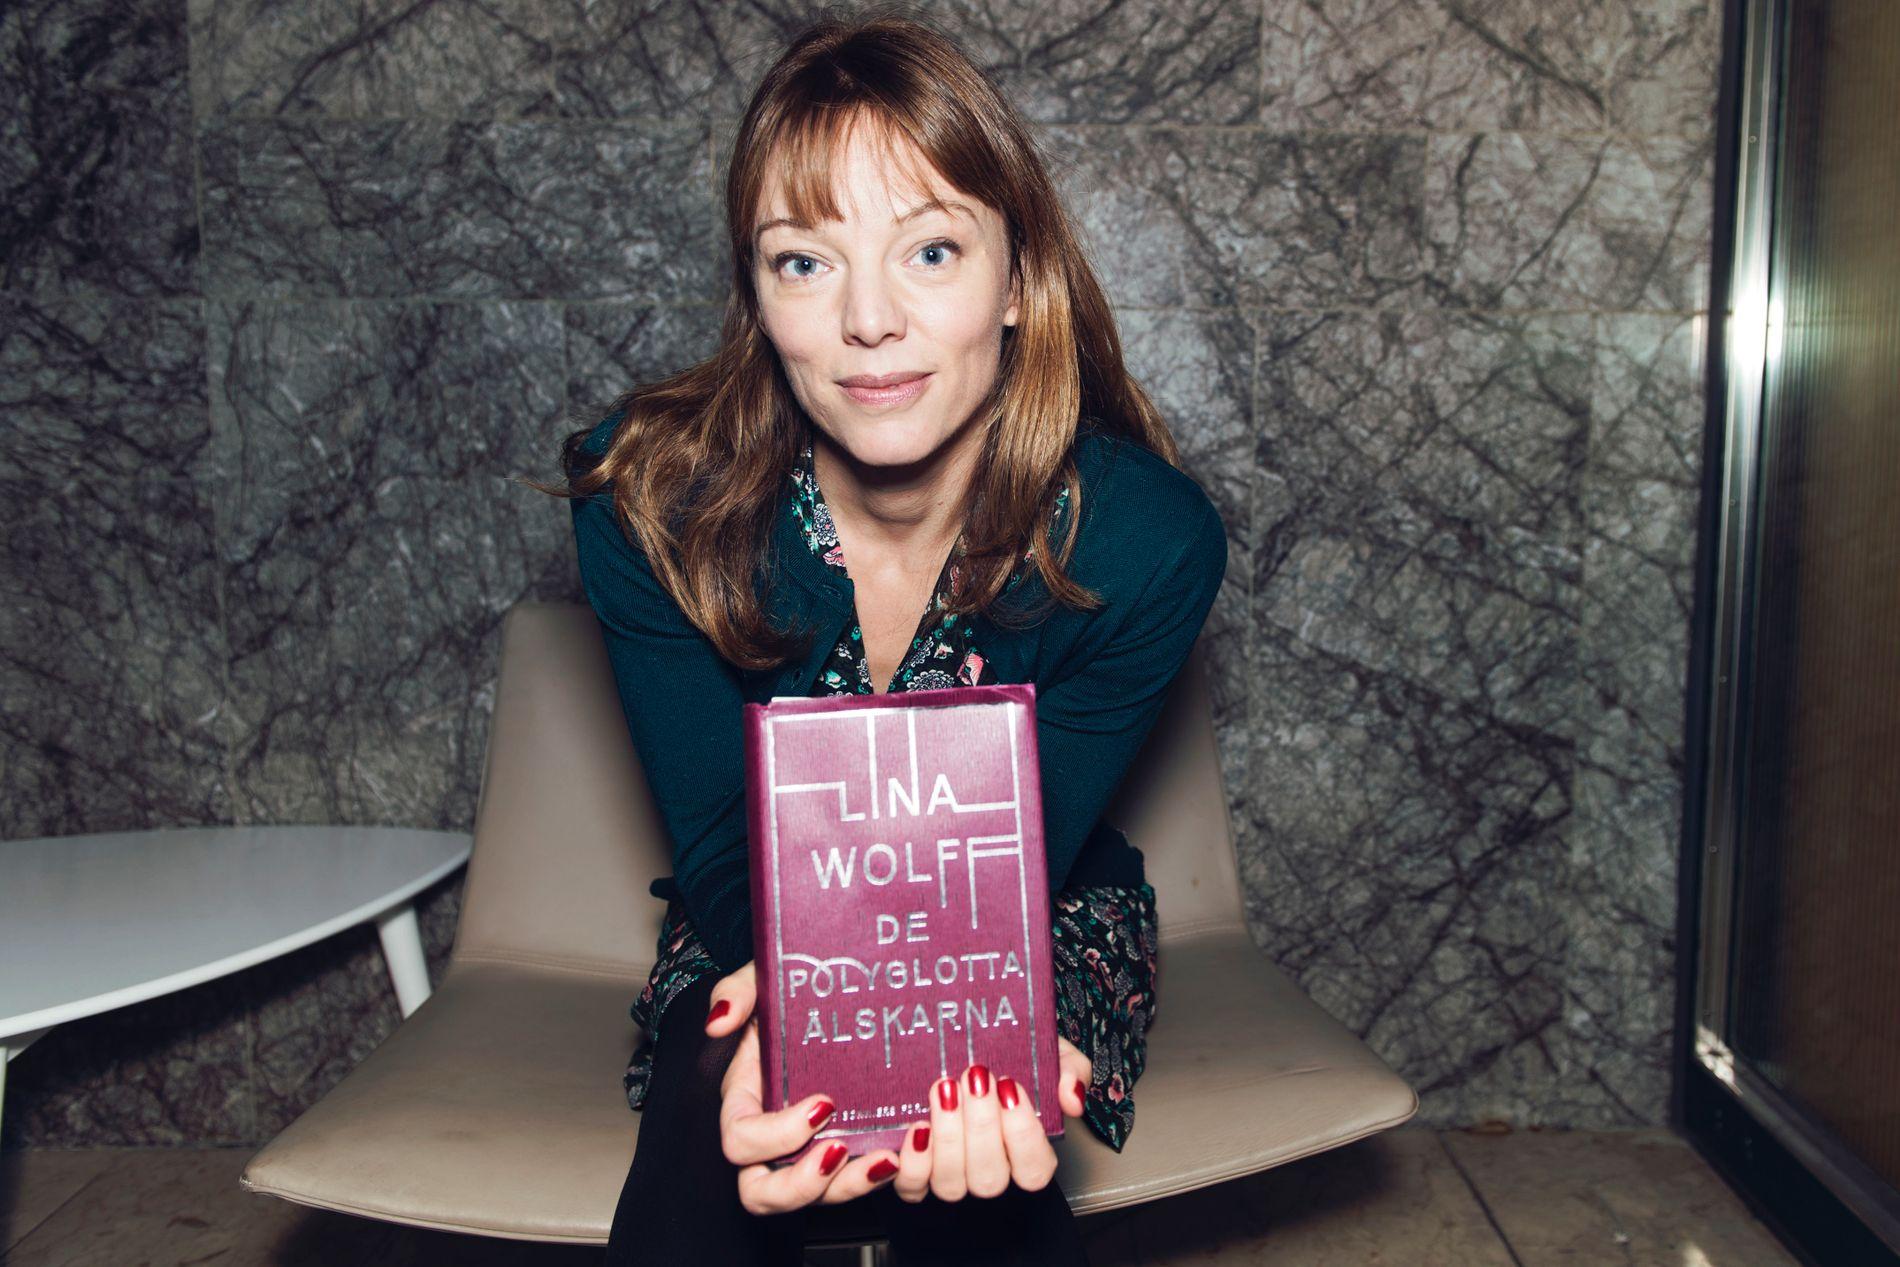 INTELLEKTUELL PAGETURNER: Lina Wolffs «De polyglotte elskerne» ble kåret til årets svenske roman i 2016 - og VGs anmelder mener hun har skrevet noe så sjeldent som en intellektuell pageturner. Wolff debuterte i 2009 med en novellesamling og utga i 2012 romanen «Bret Easton Ellis och de andra hundarna».